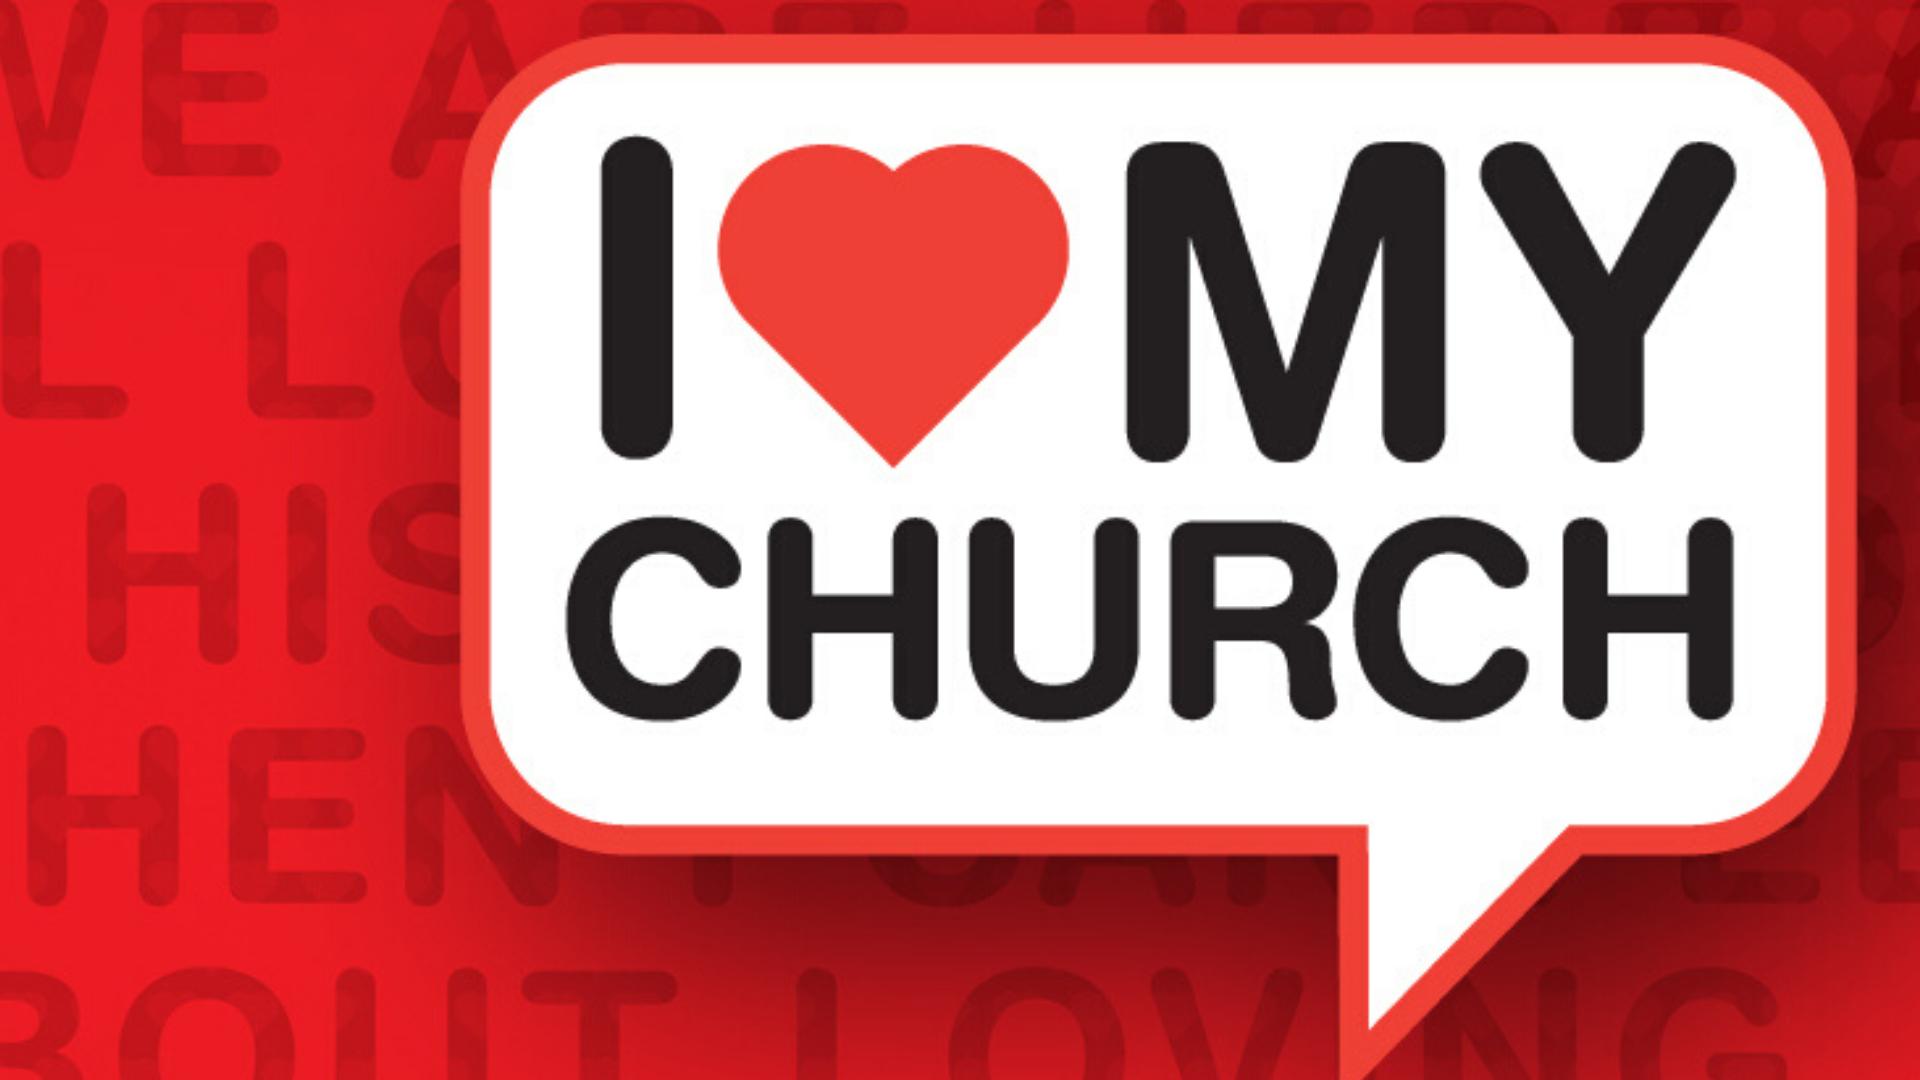 I-Love-My-Church-1920x1080